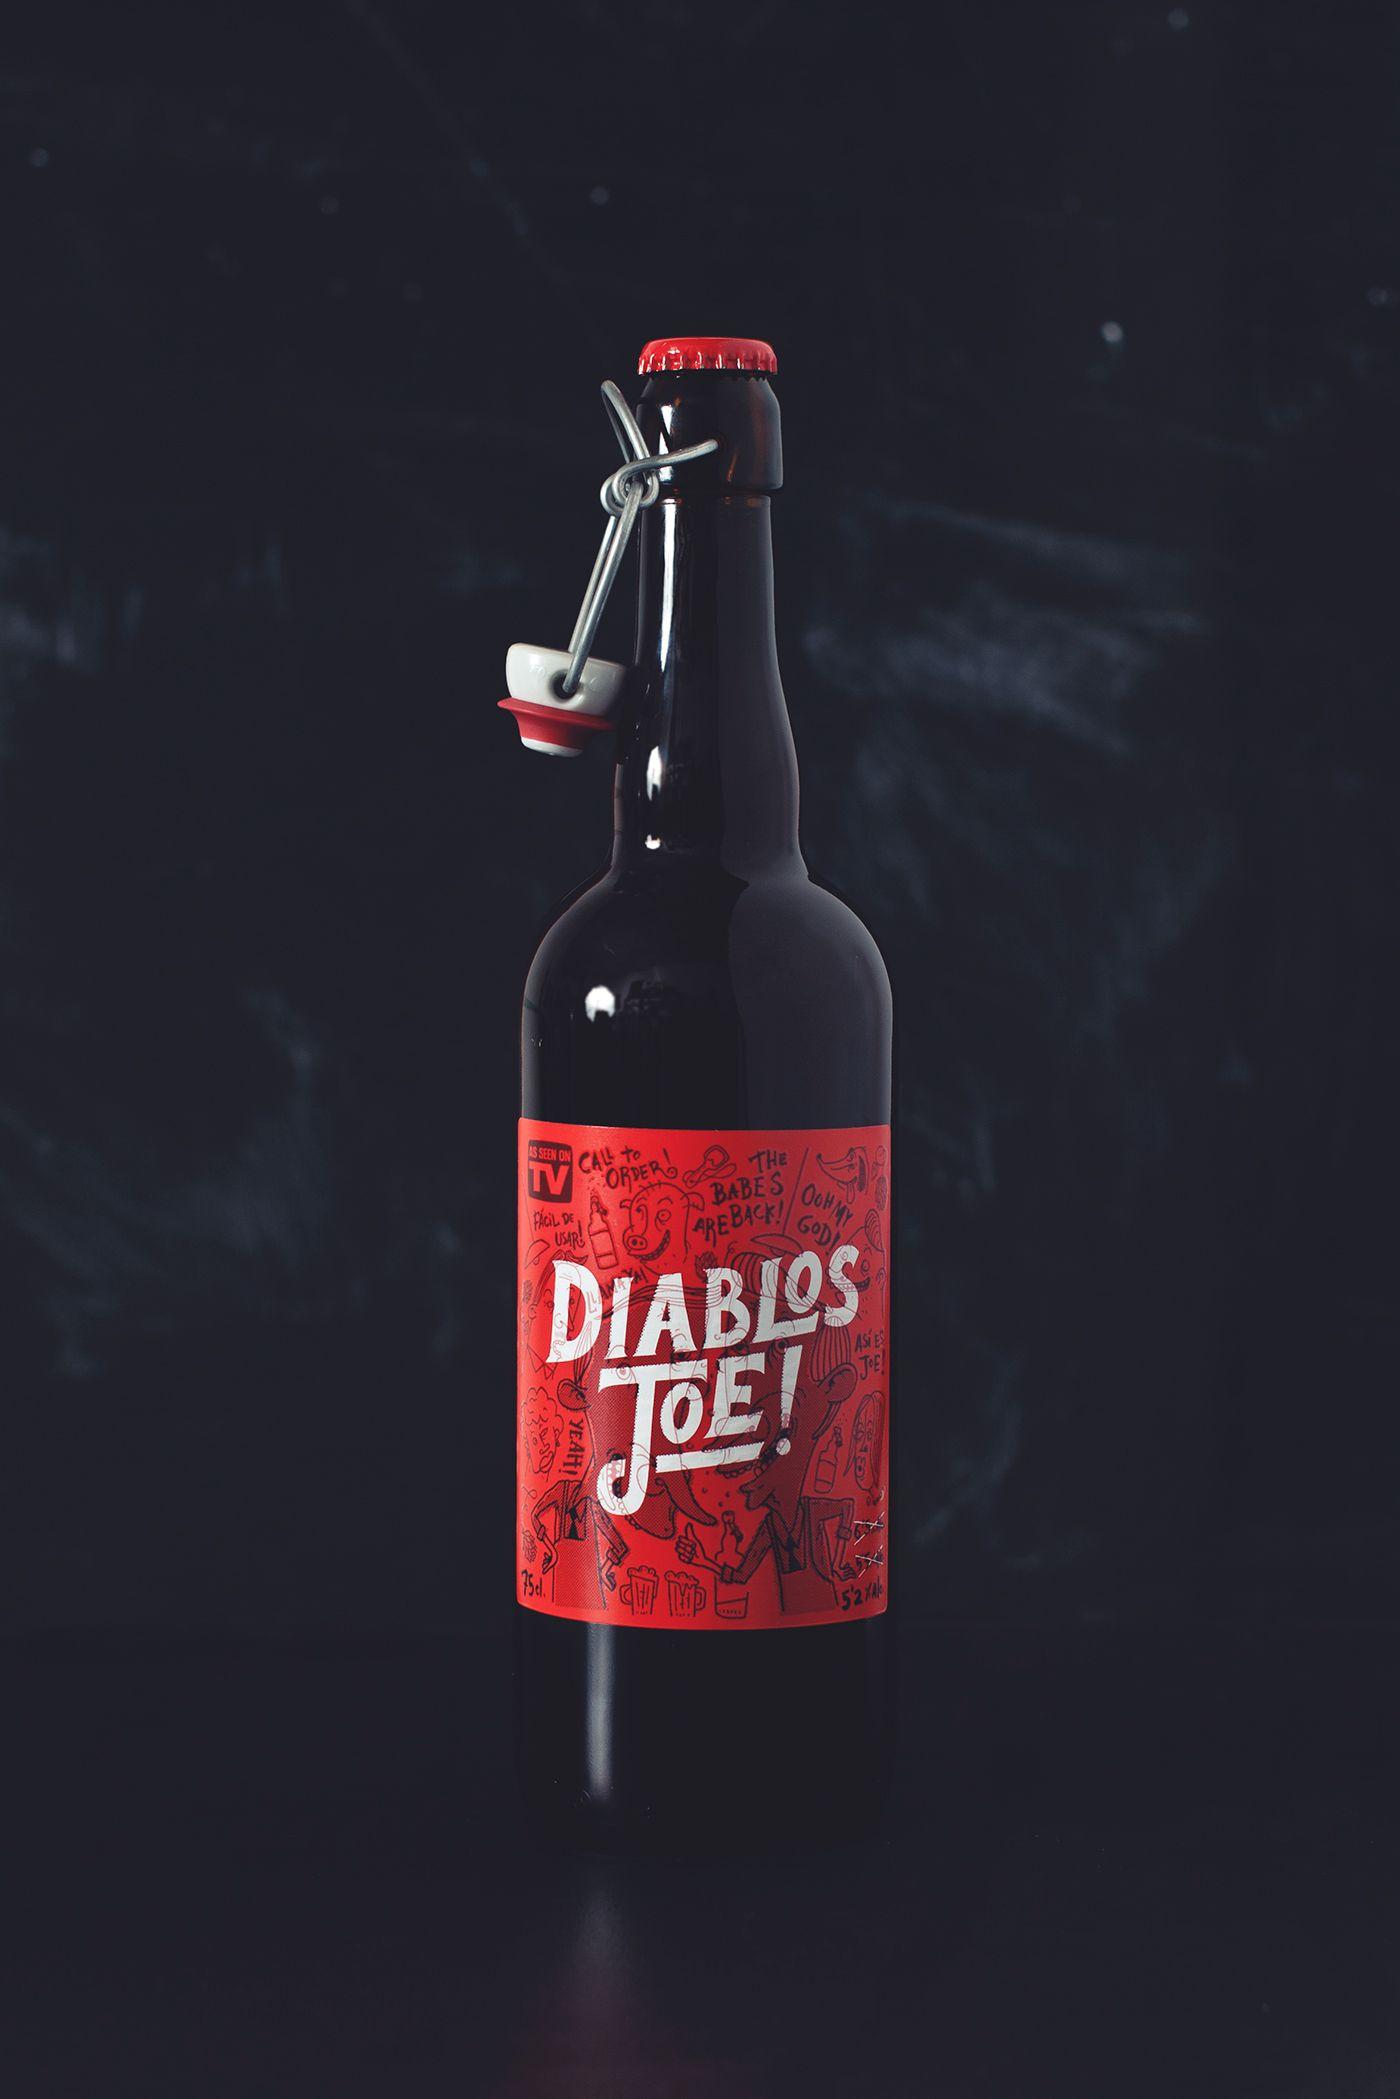 Designed Labels For Artisan Beer Diablos Joe For Microbrewery Tyris Etiquetas De Bebidas Cerveza Artesanal Disenos De Unas